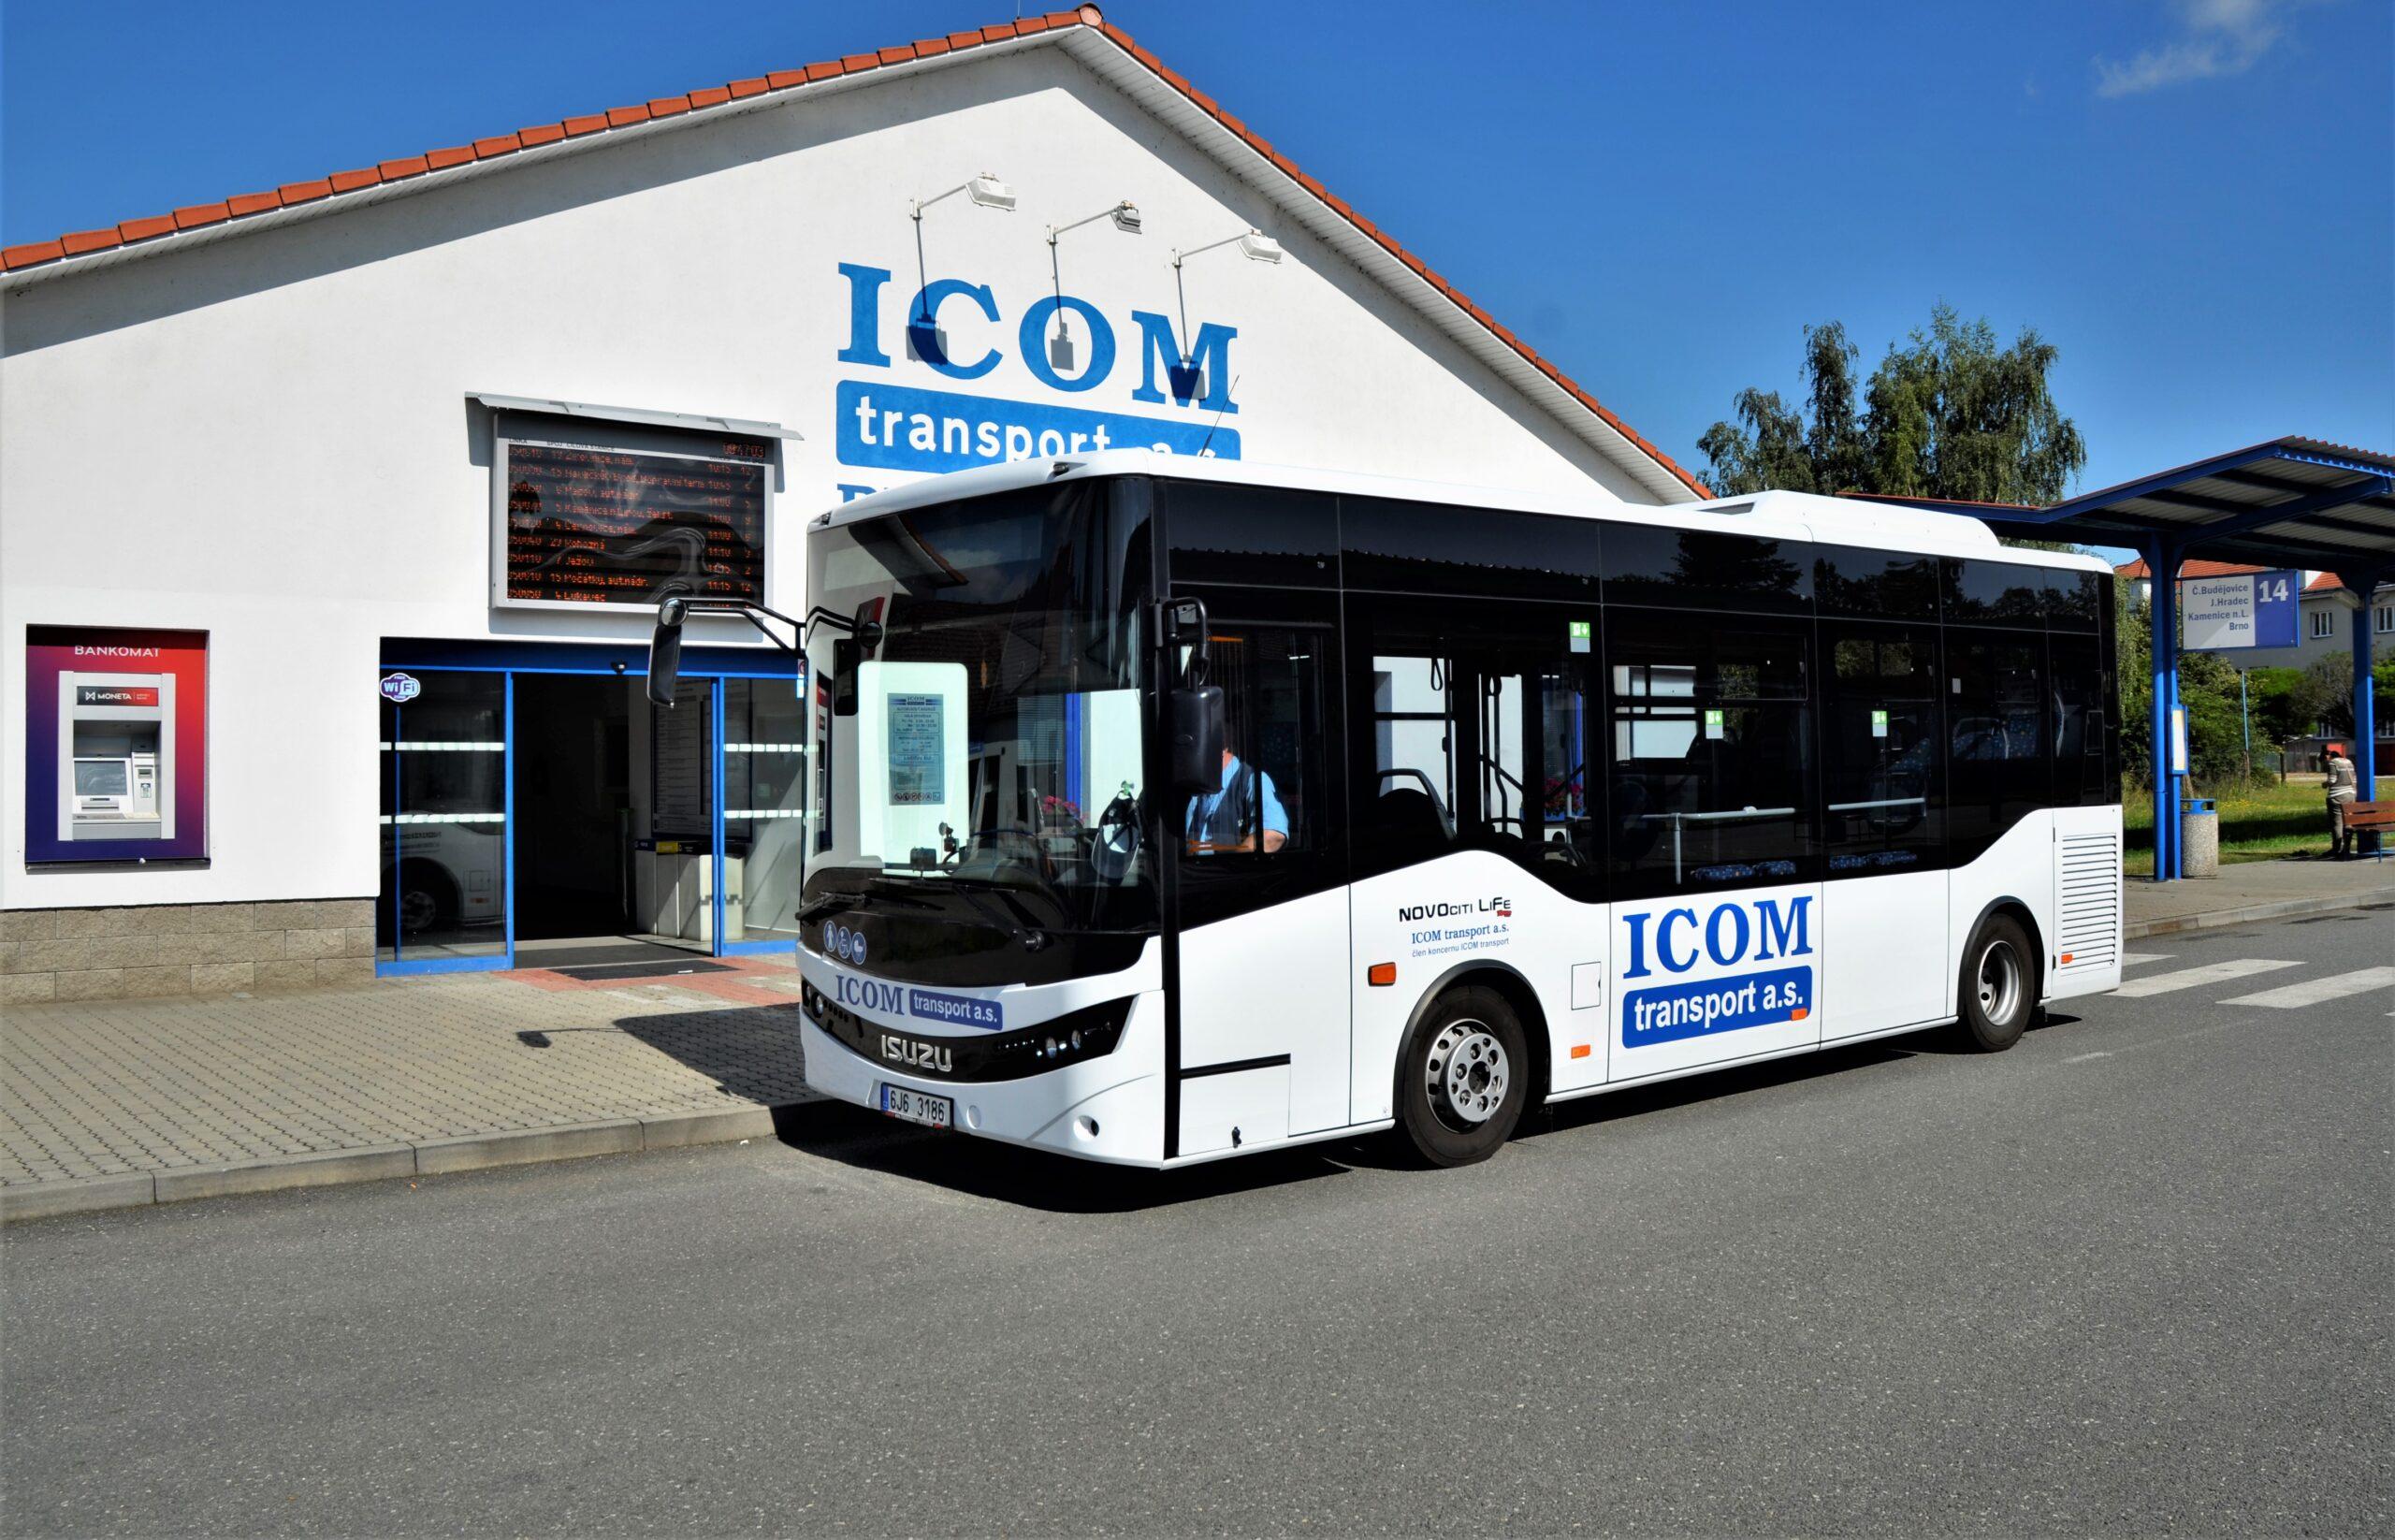 ISUZU NovoCiti Life jezdí na městských linkách v Pelhřimově